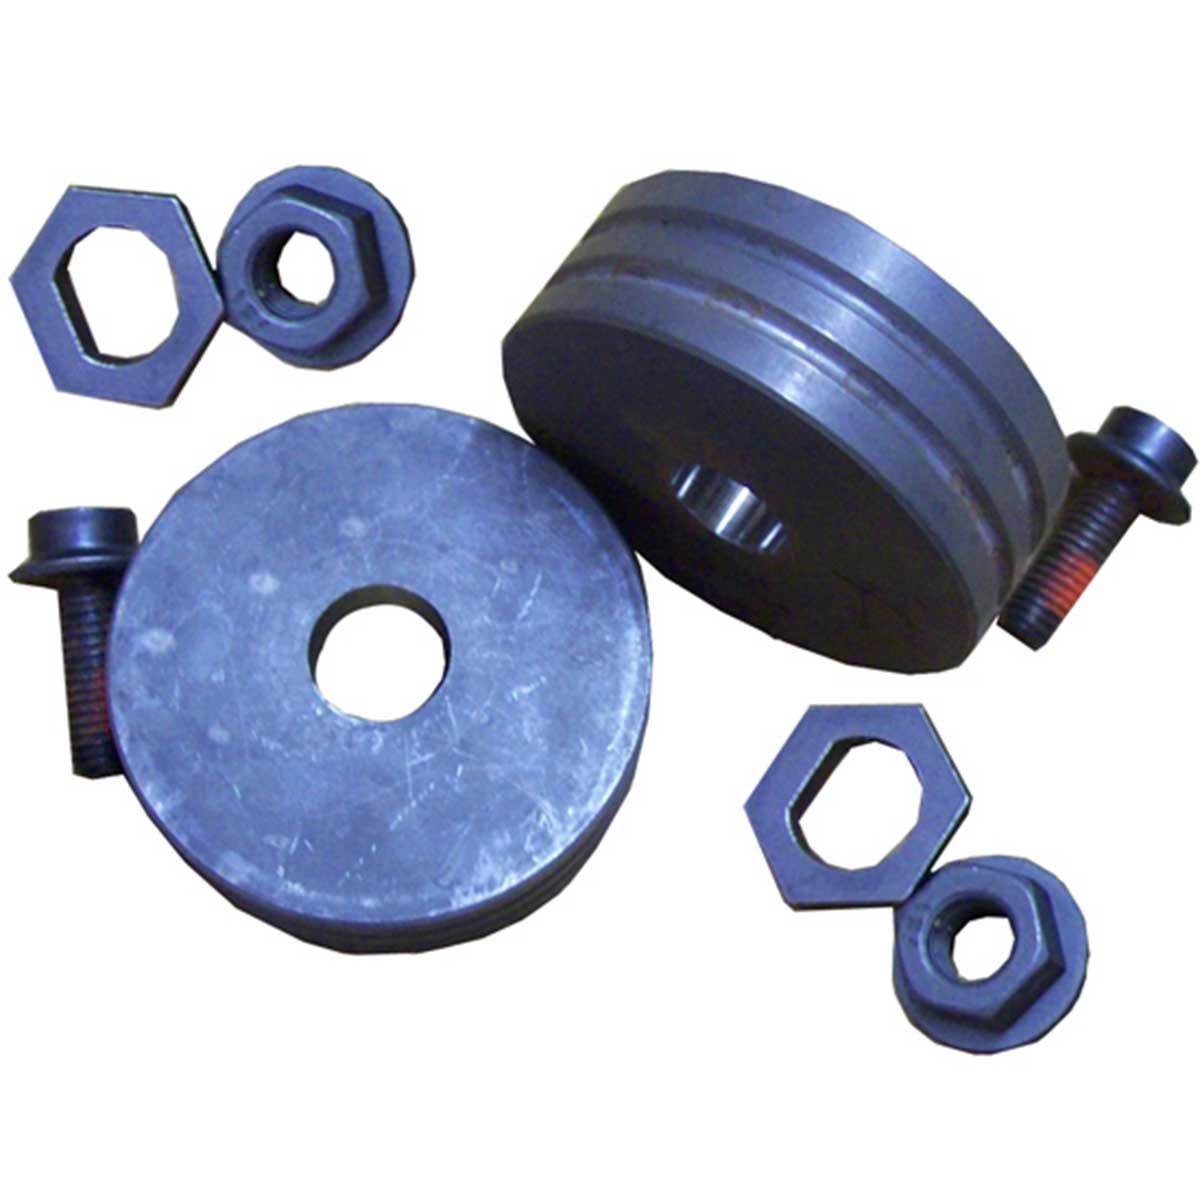 Husqvarna K960 Support Roller Cap